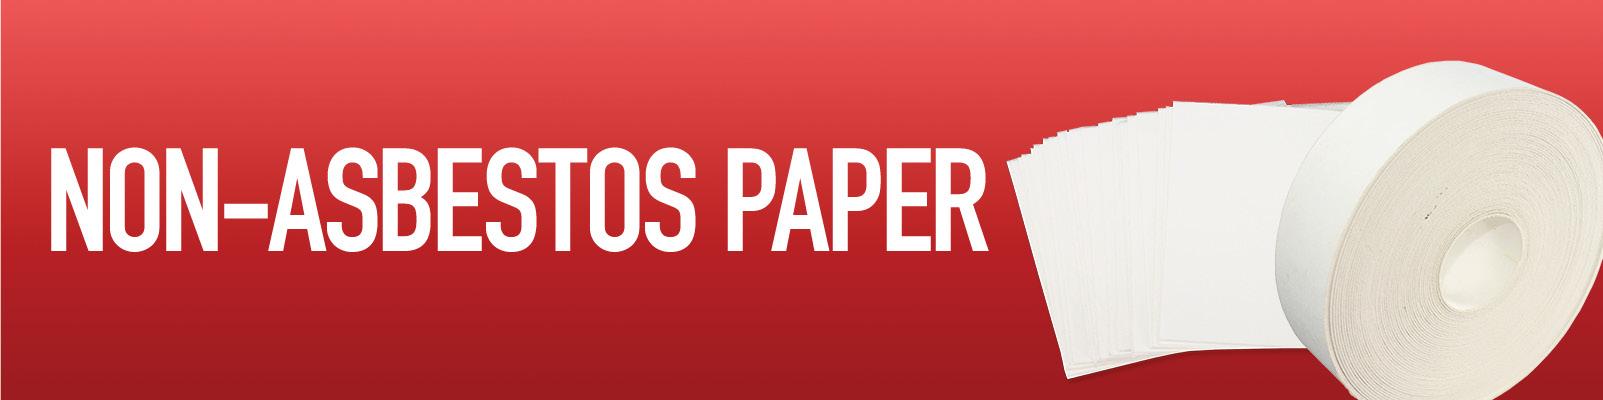 Non-Asbestos Paper